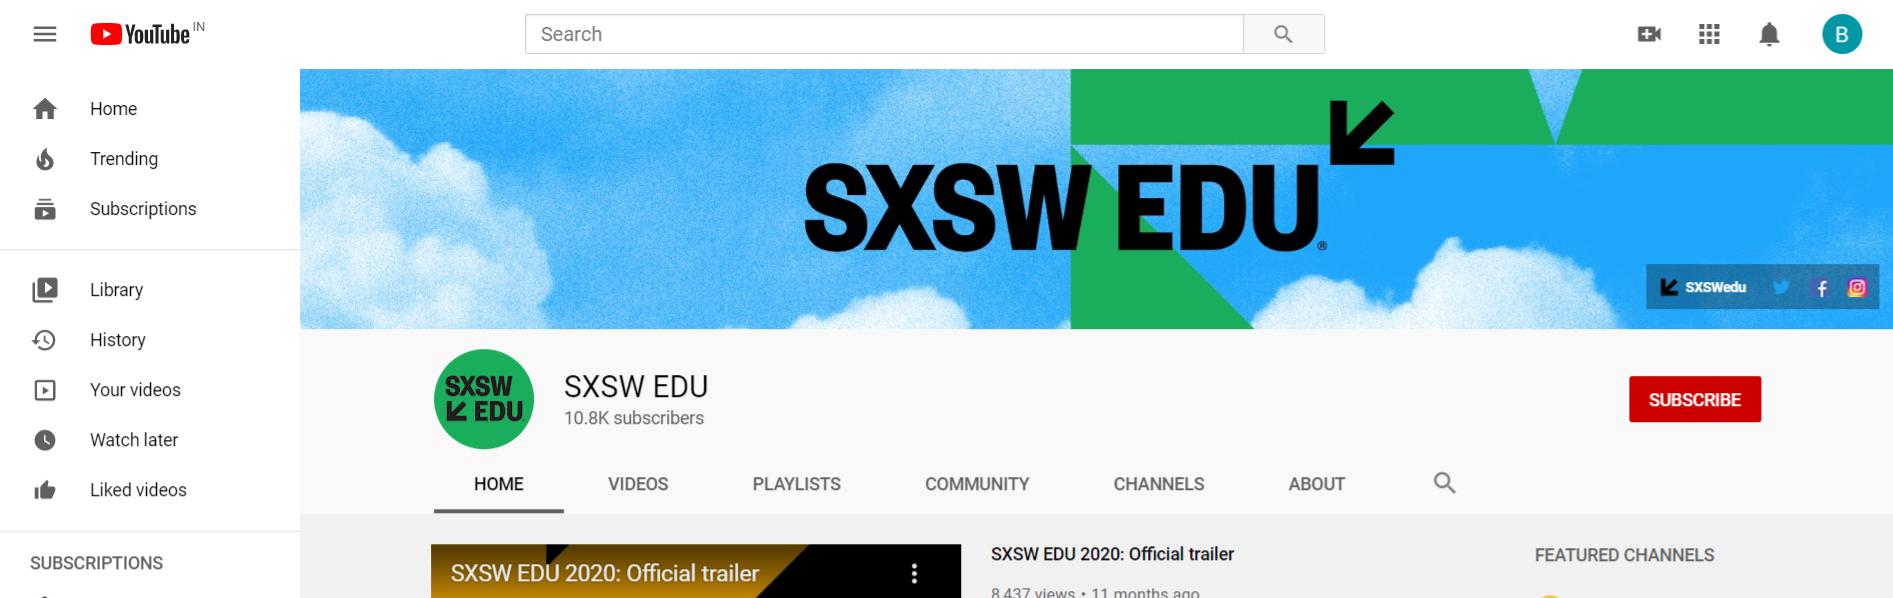 Sxsw edu: edtech youtube channel